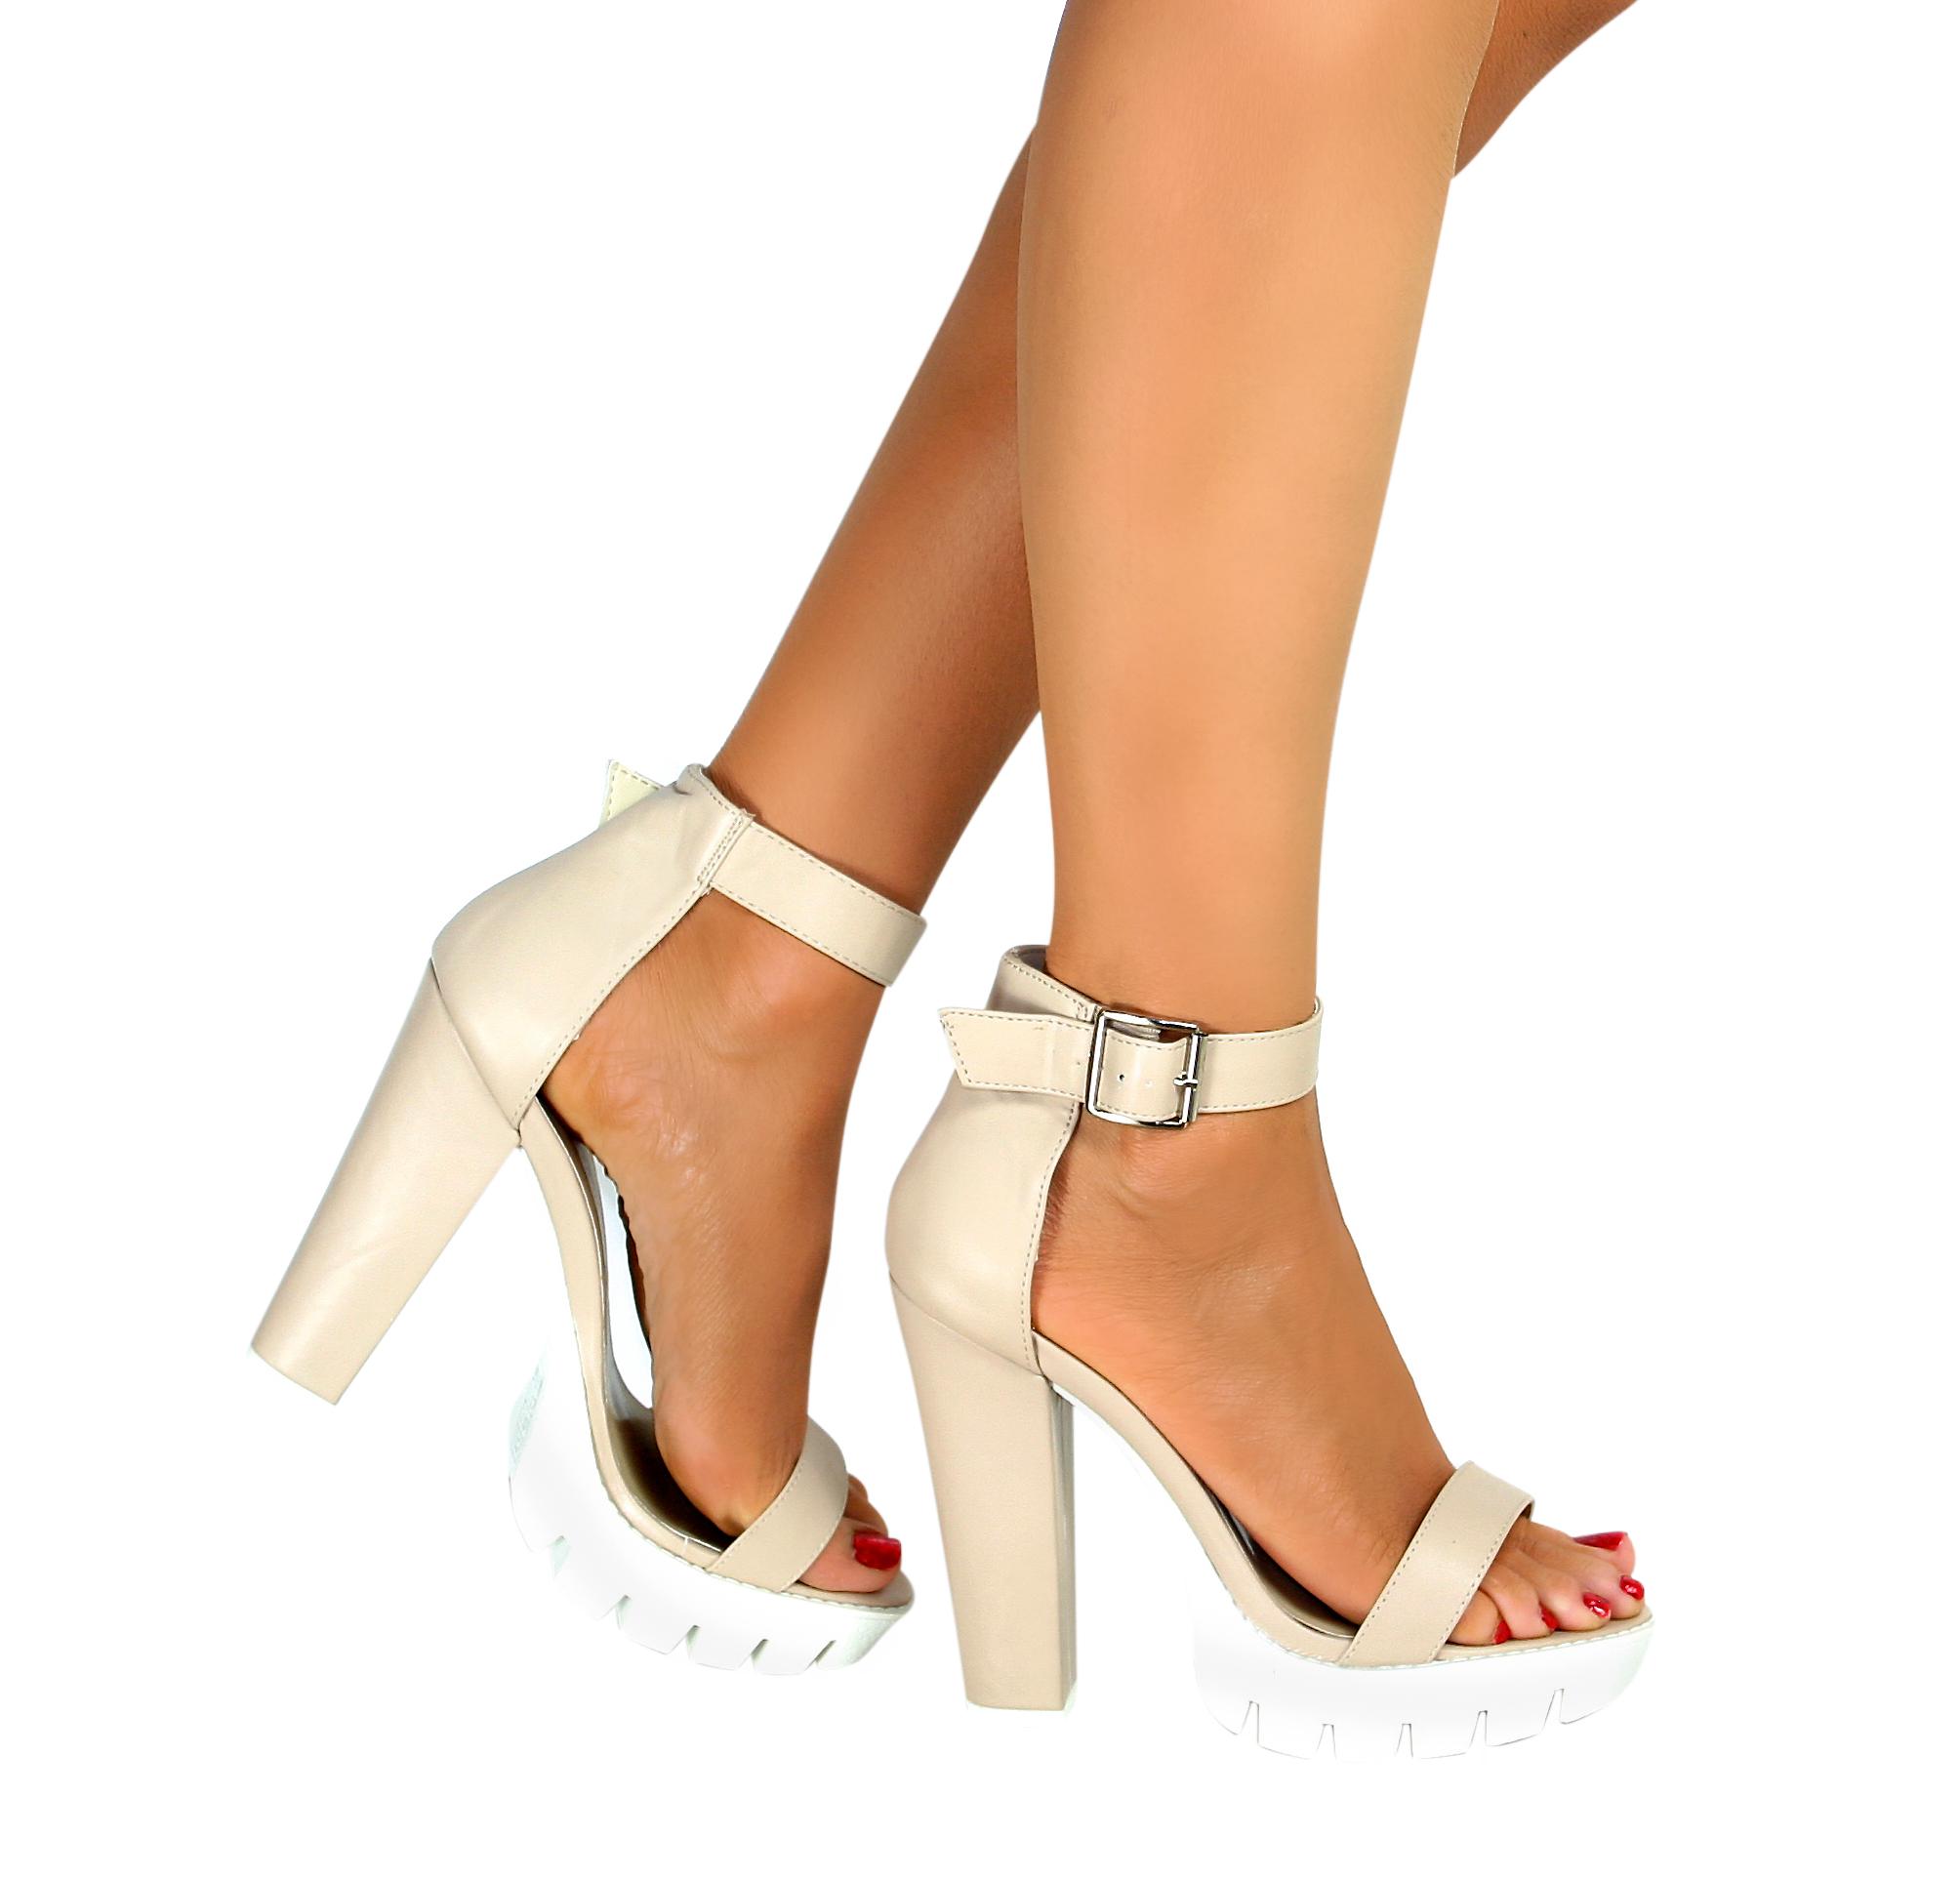 Nude Heels Size 3 - Is Heel